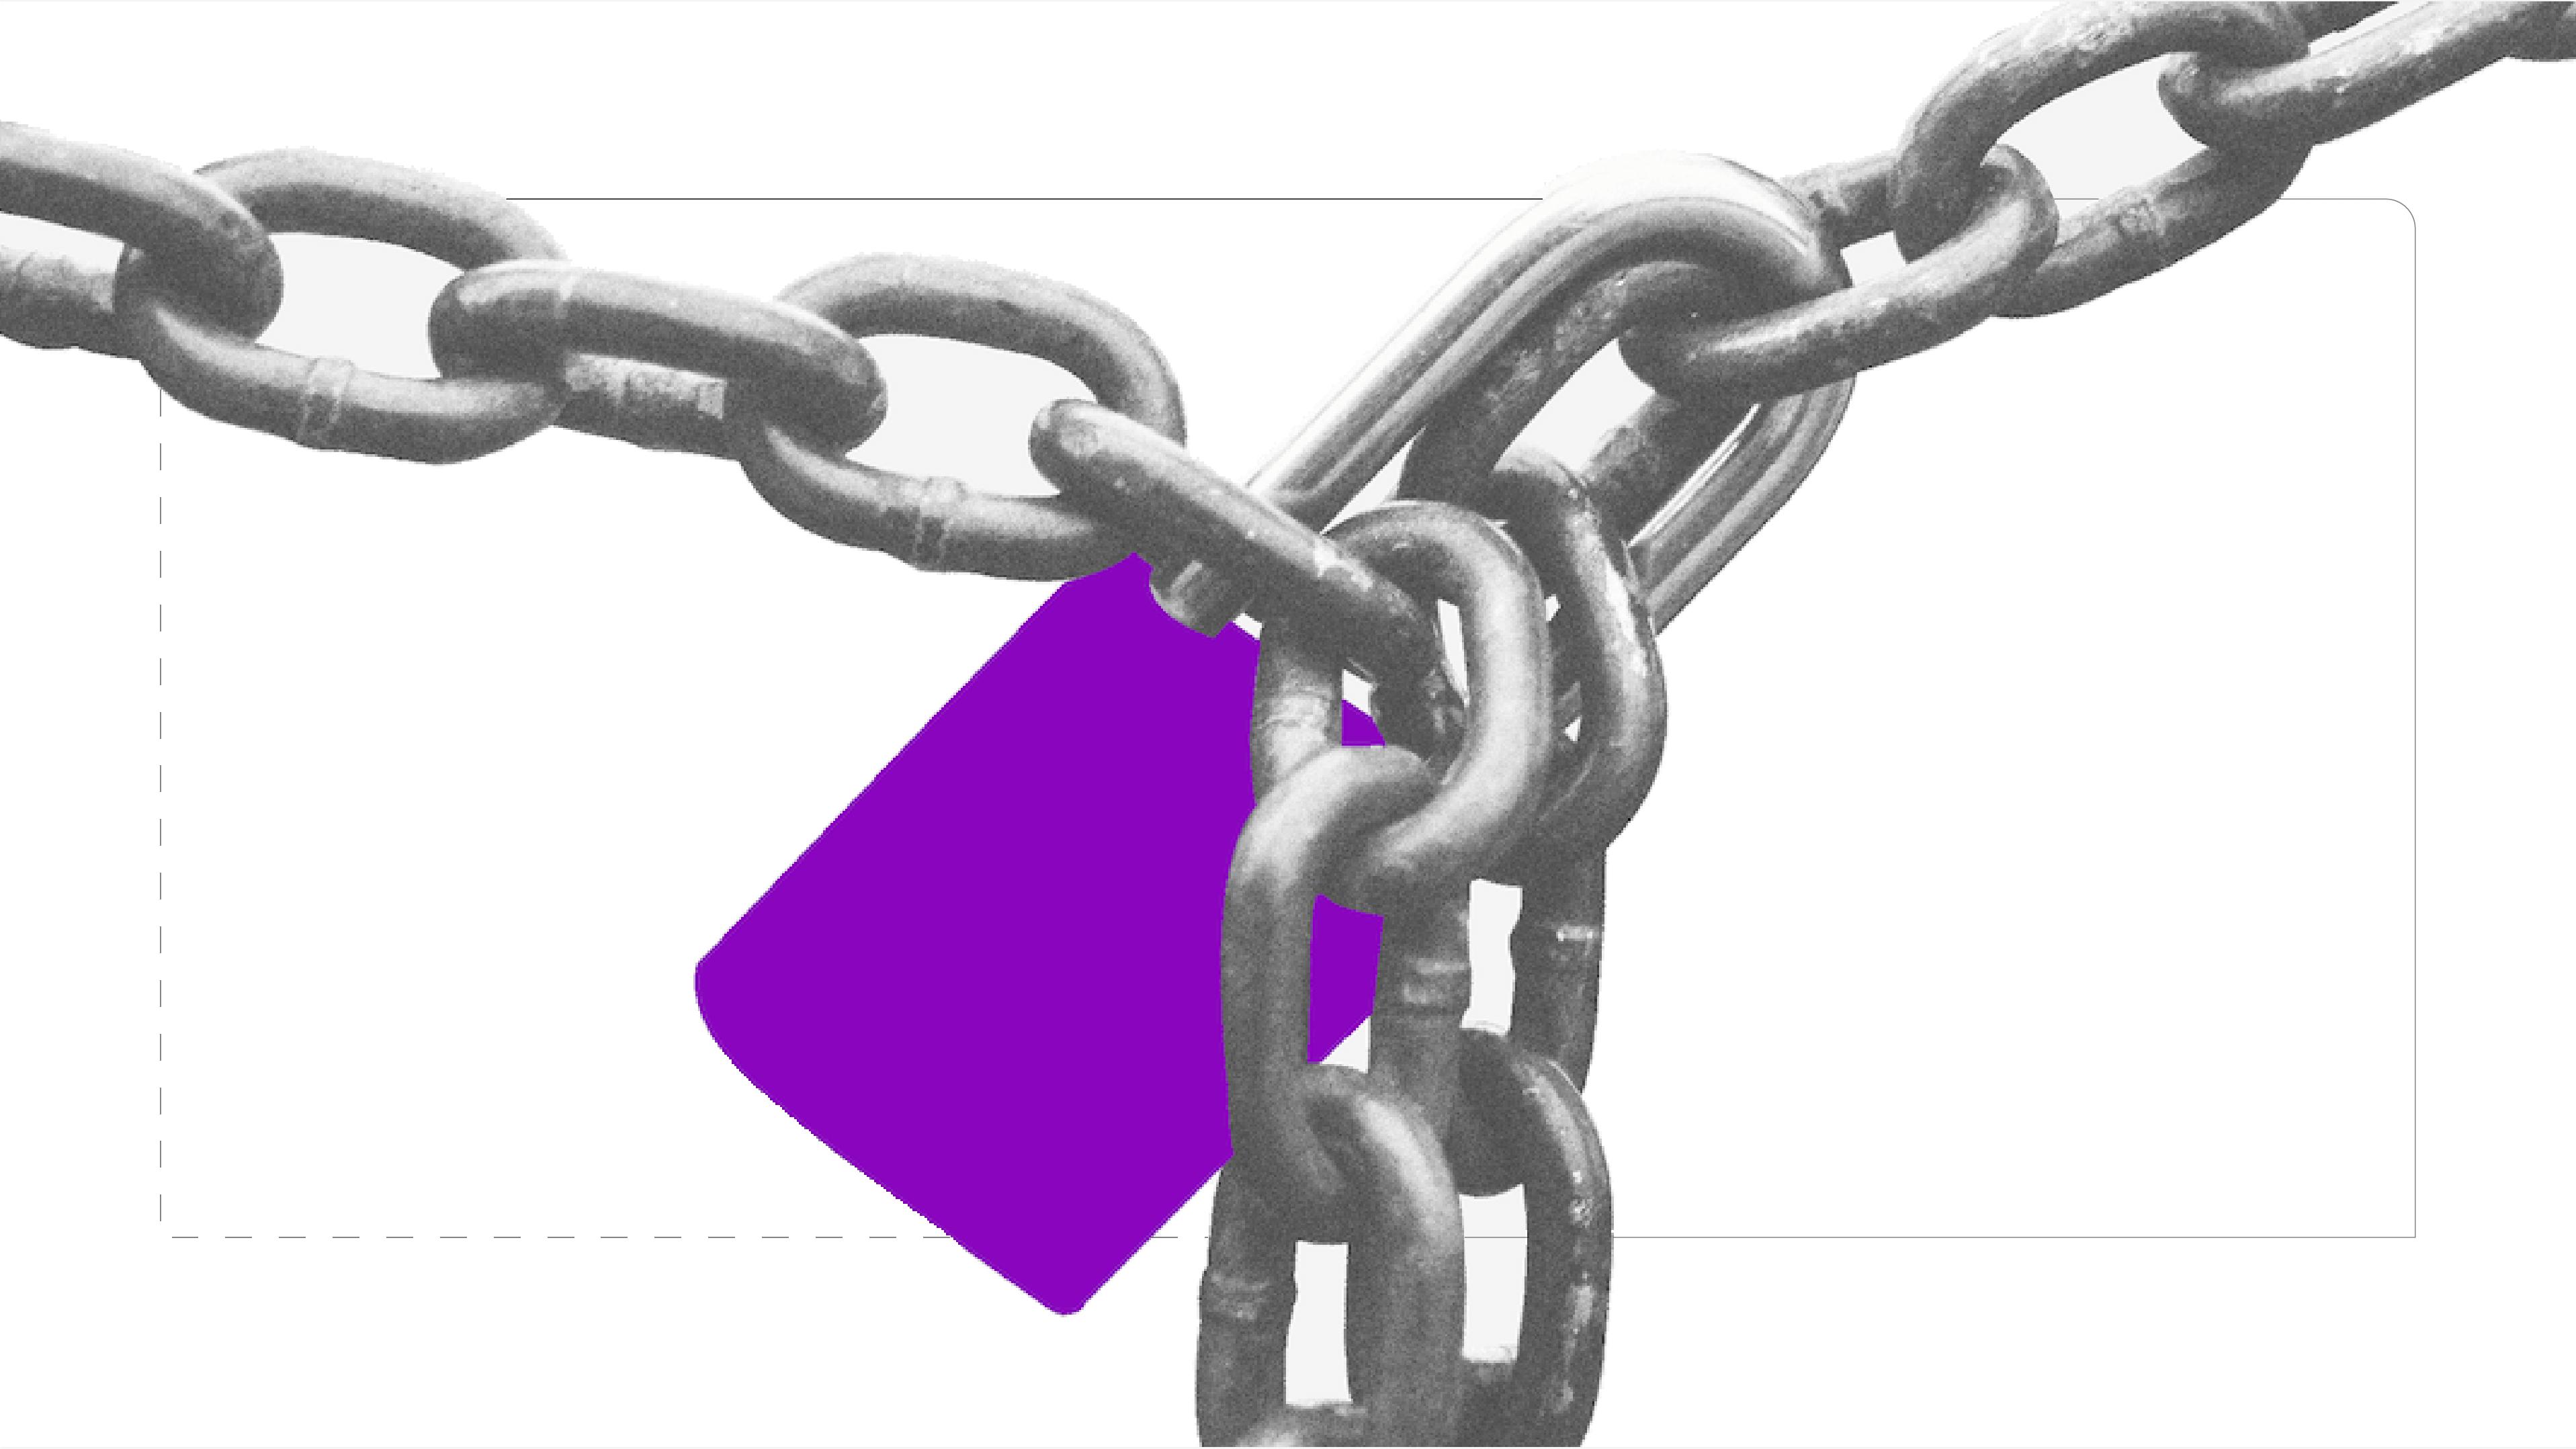 Cadena y candado morado advierten sobre Ransomware y seguridad en línea